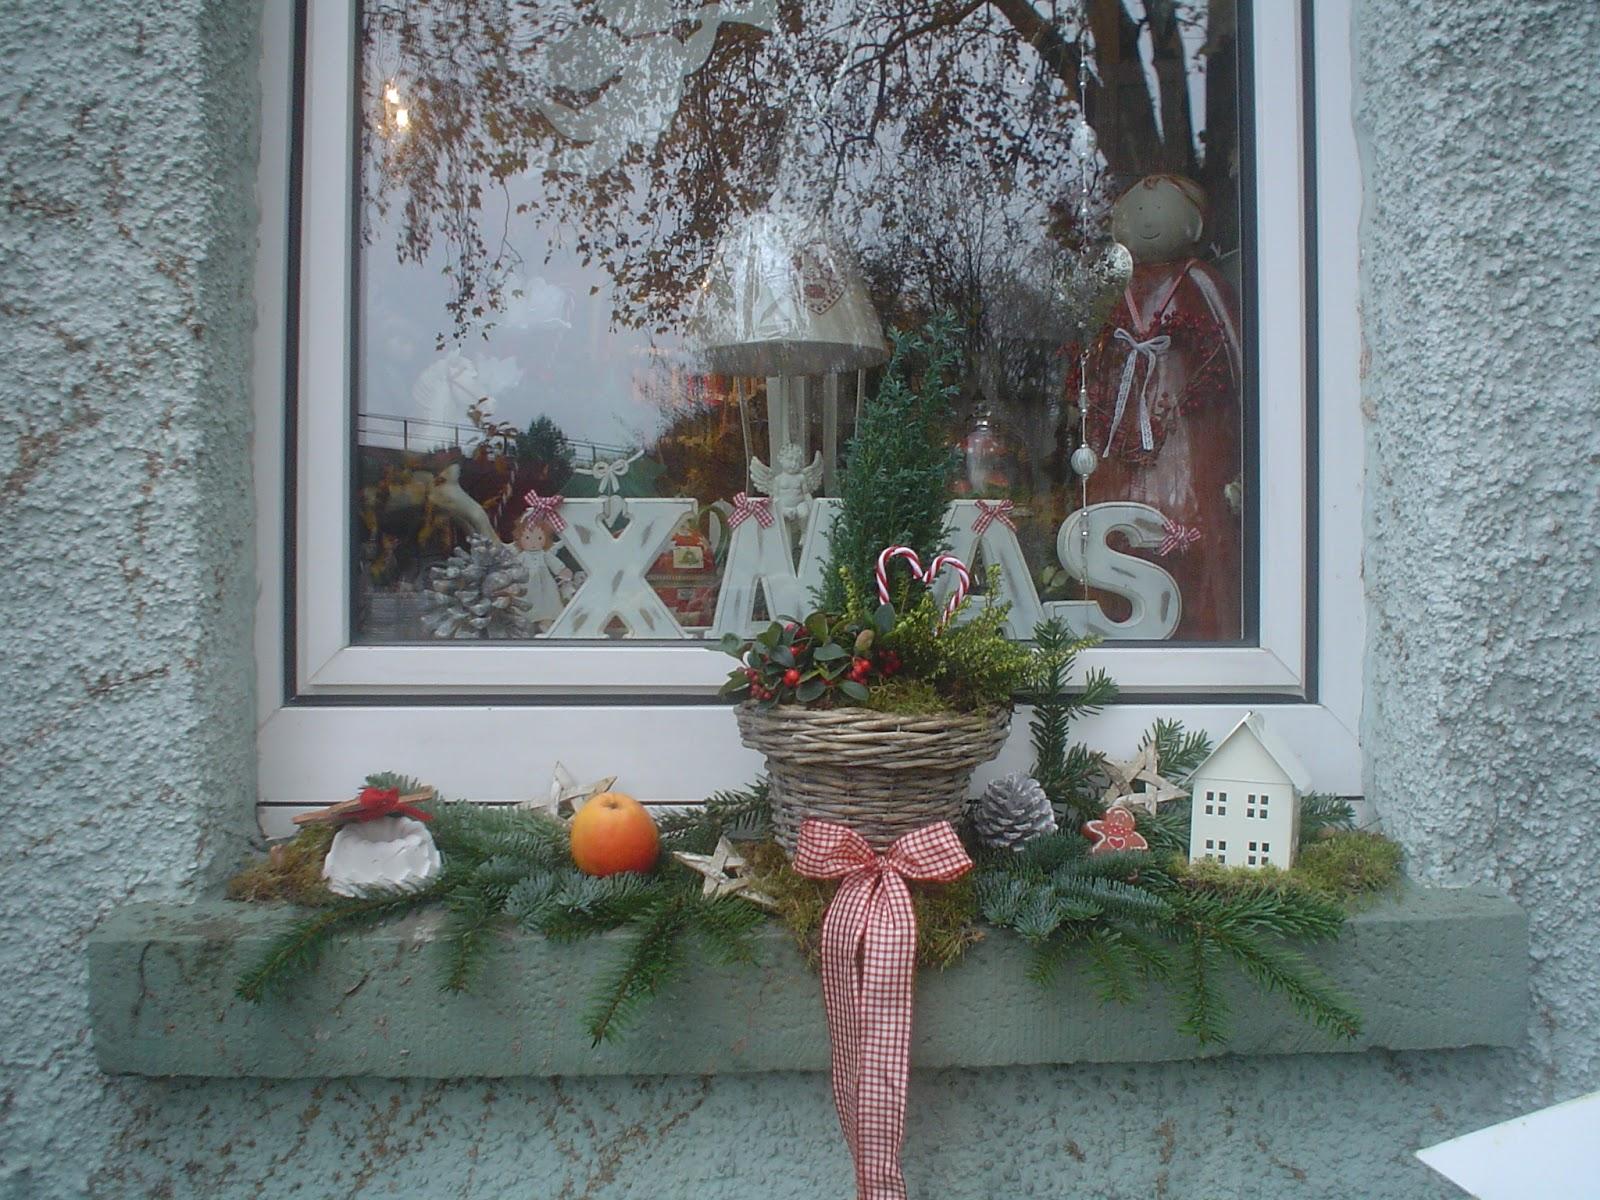 Deko Fensterbank Aussen Fensterbrett Dekoration Weihnachten Bellas